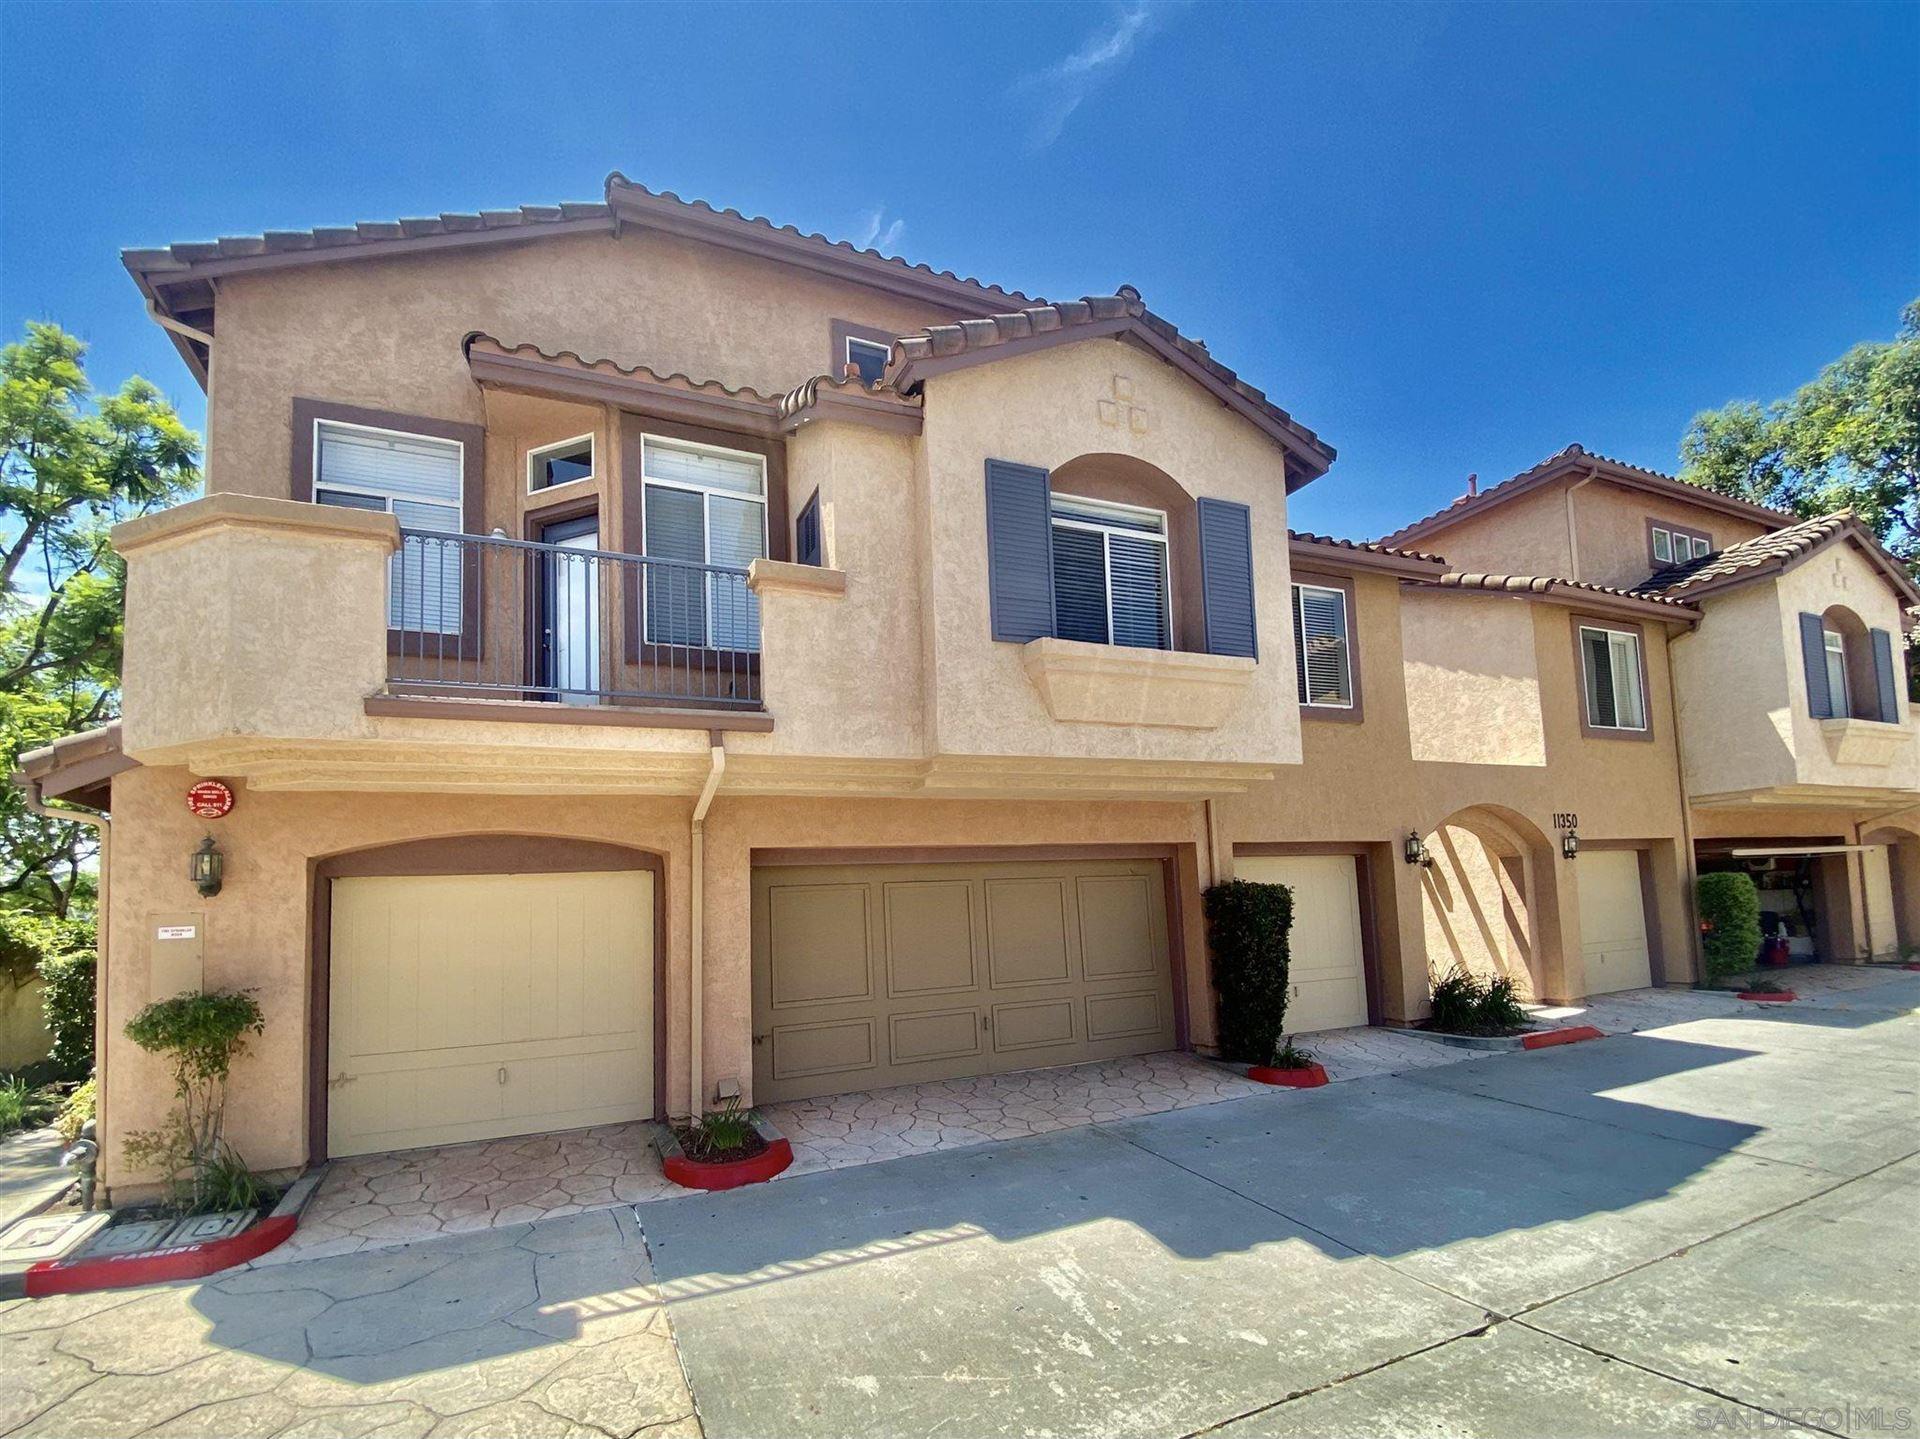 Photo of 11350 Via Rancho San Diego #C, El Cajon, CA 92019 (MLS # 210021864)